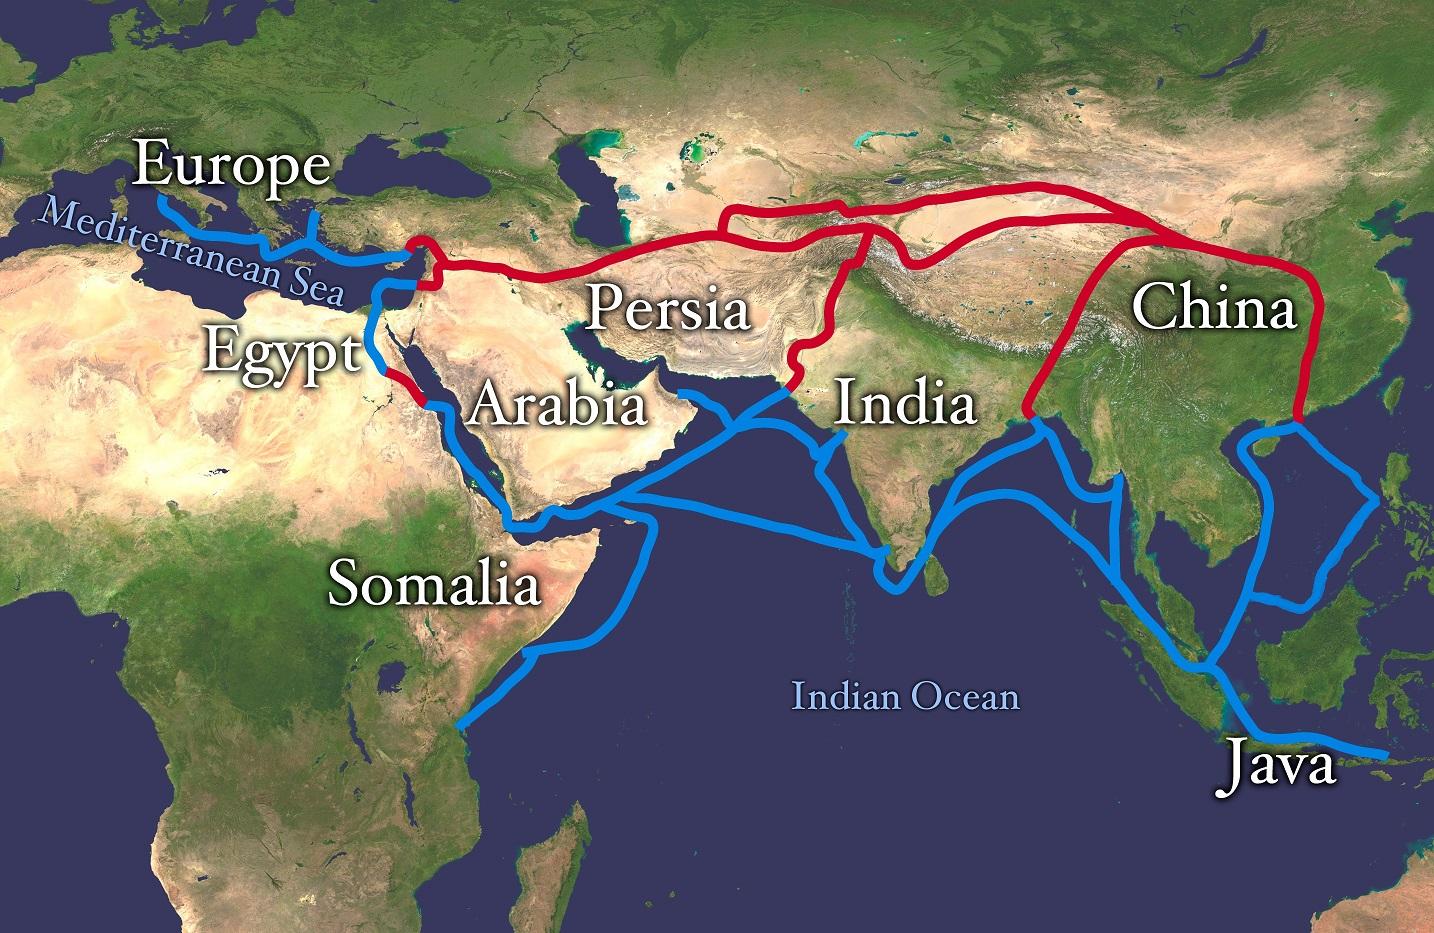 سازه های امنیتی چین در روابط متقابل با جمهوری اسلامی ایران